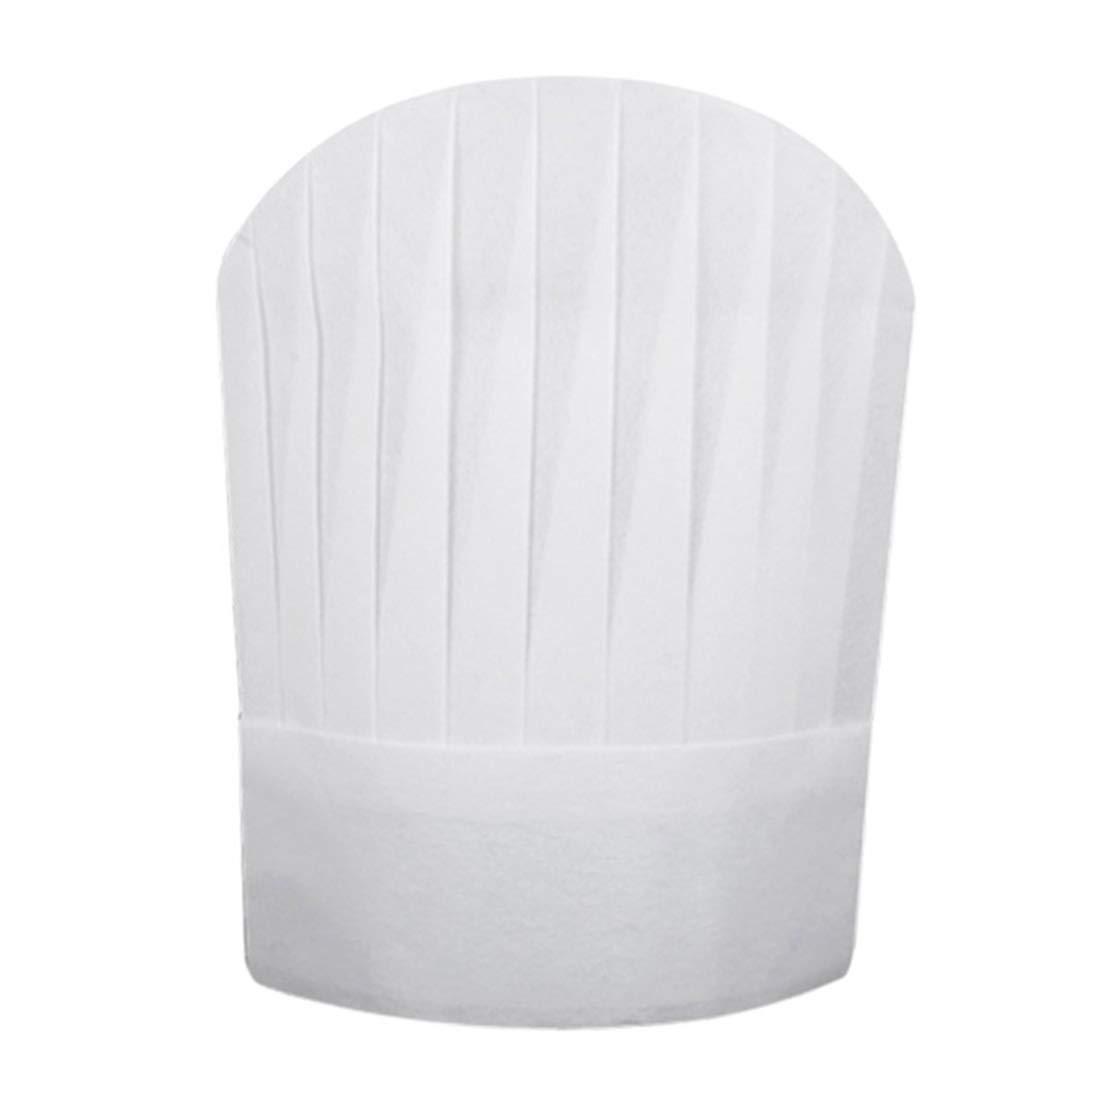 FREAHAP R Chapeau Cuisinier Blanc Toque de Chef Jetable Lot de 20#1 S